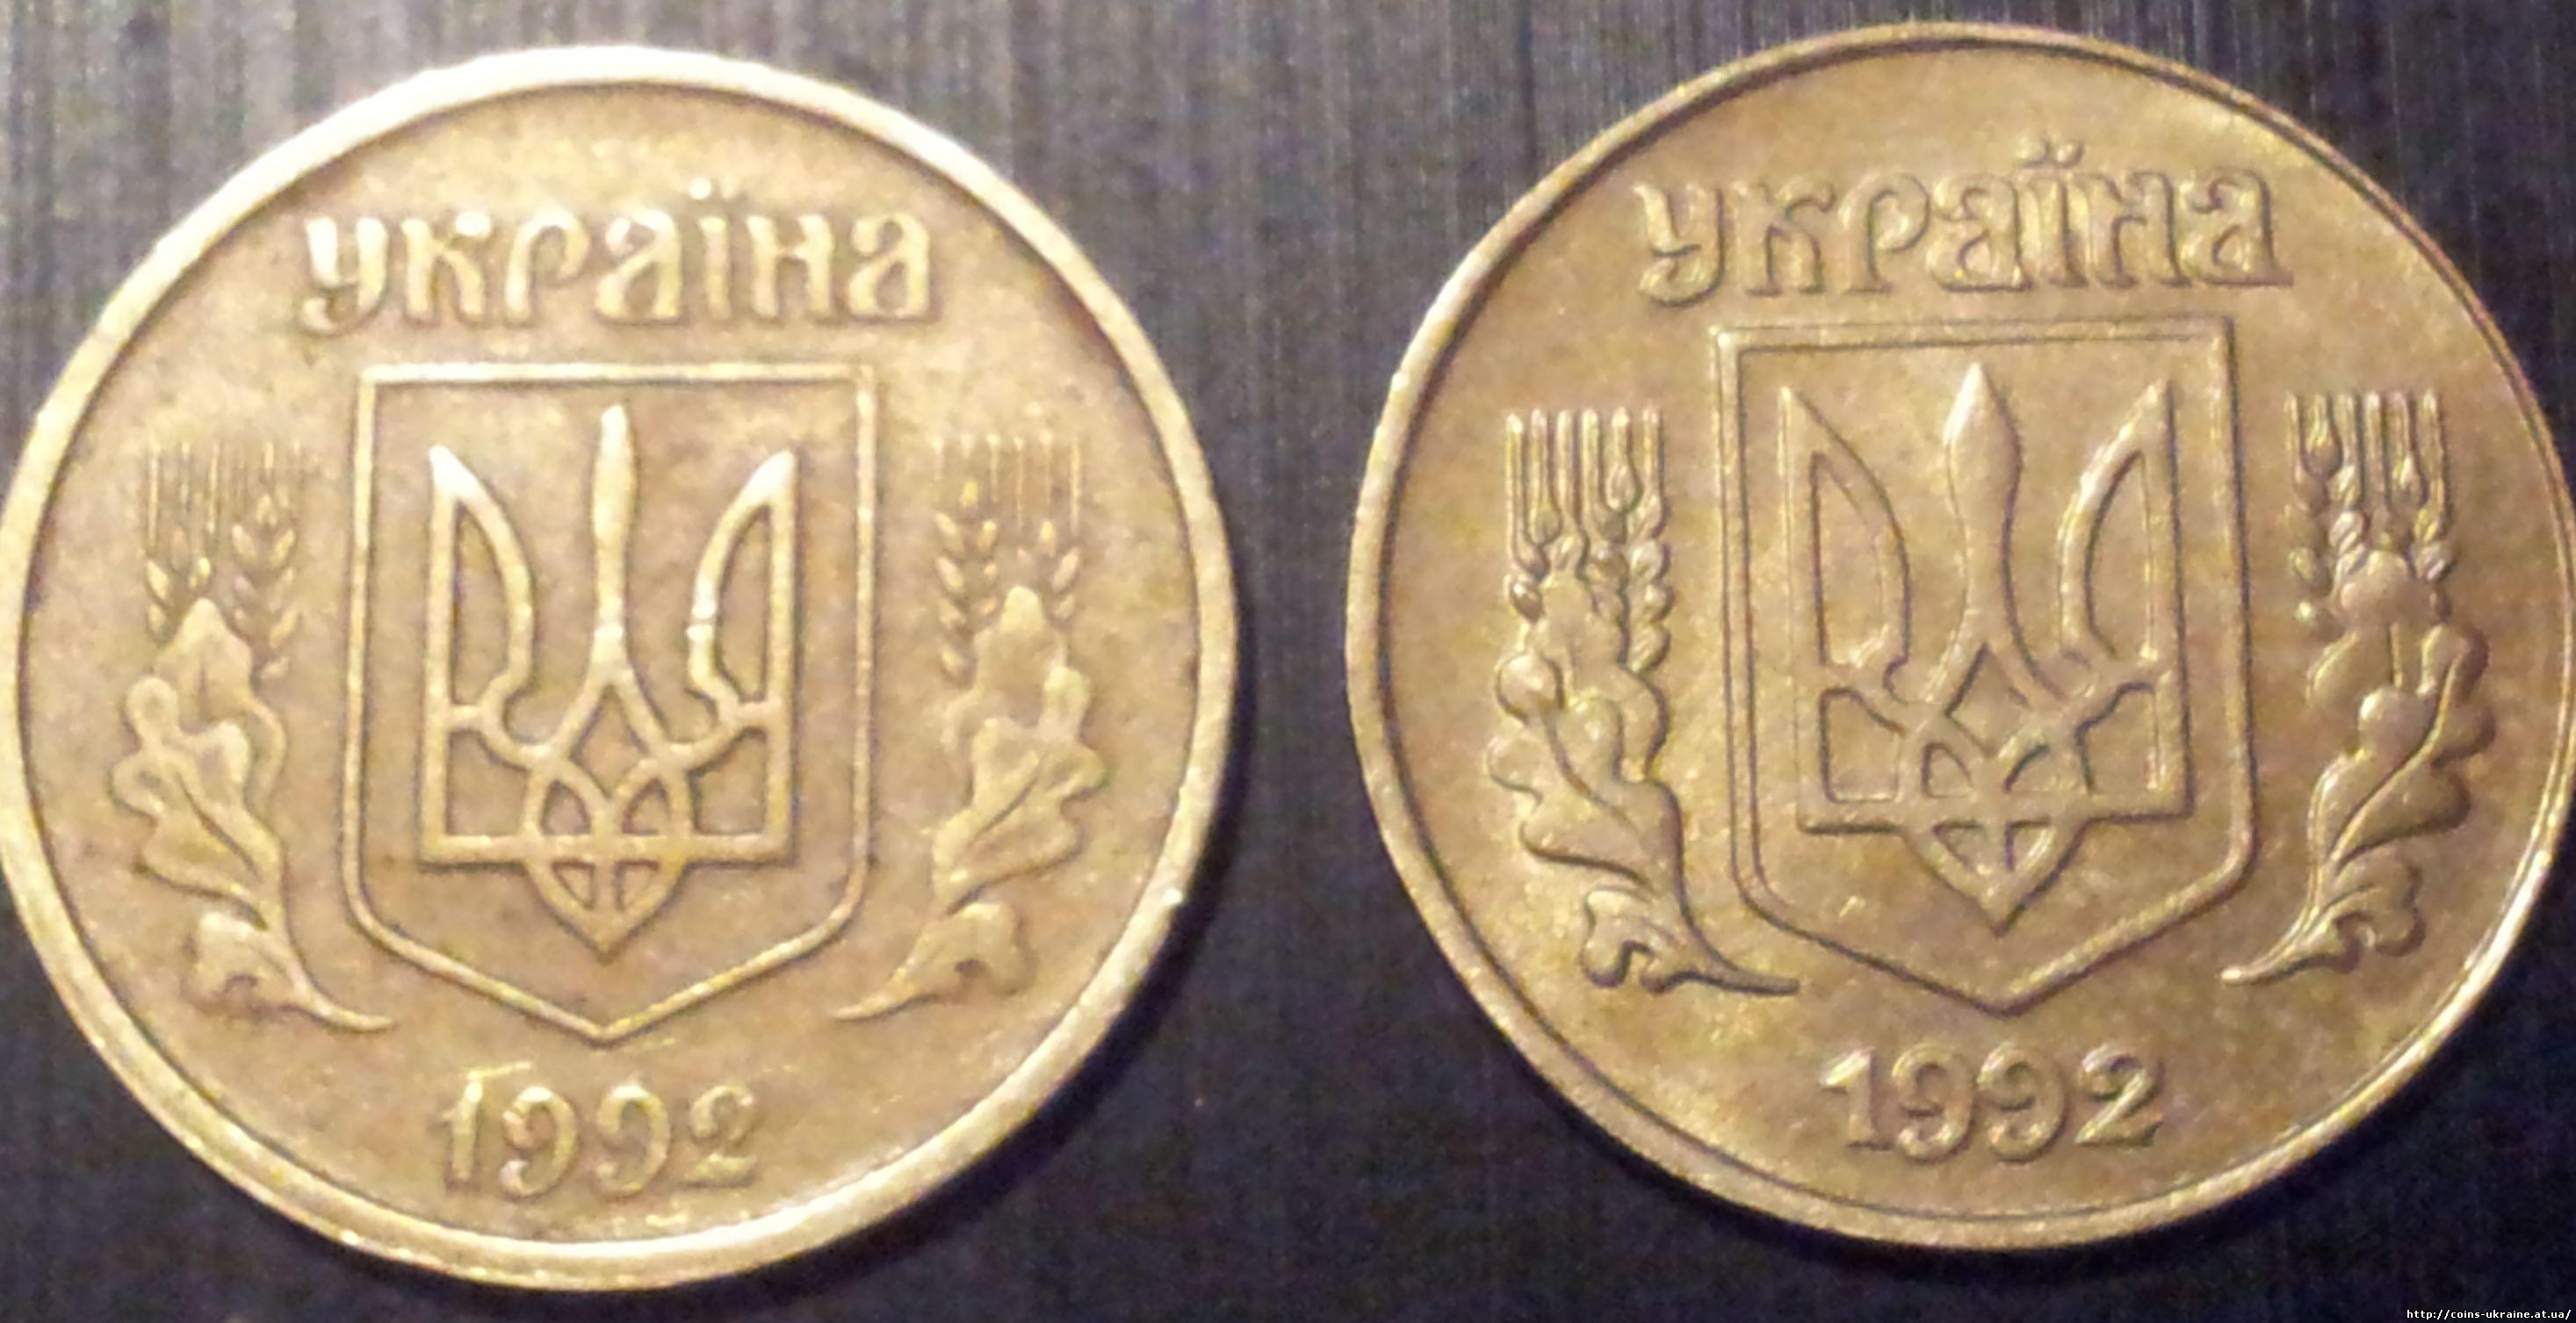 25 коп 1992 года цена украина продать 7 талеров